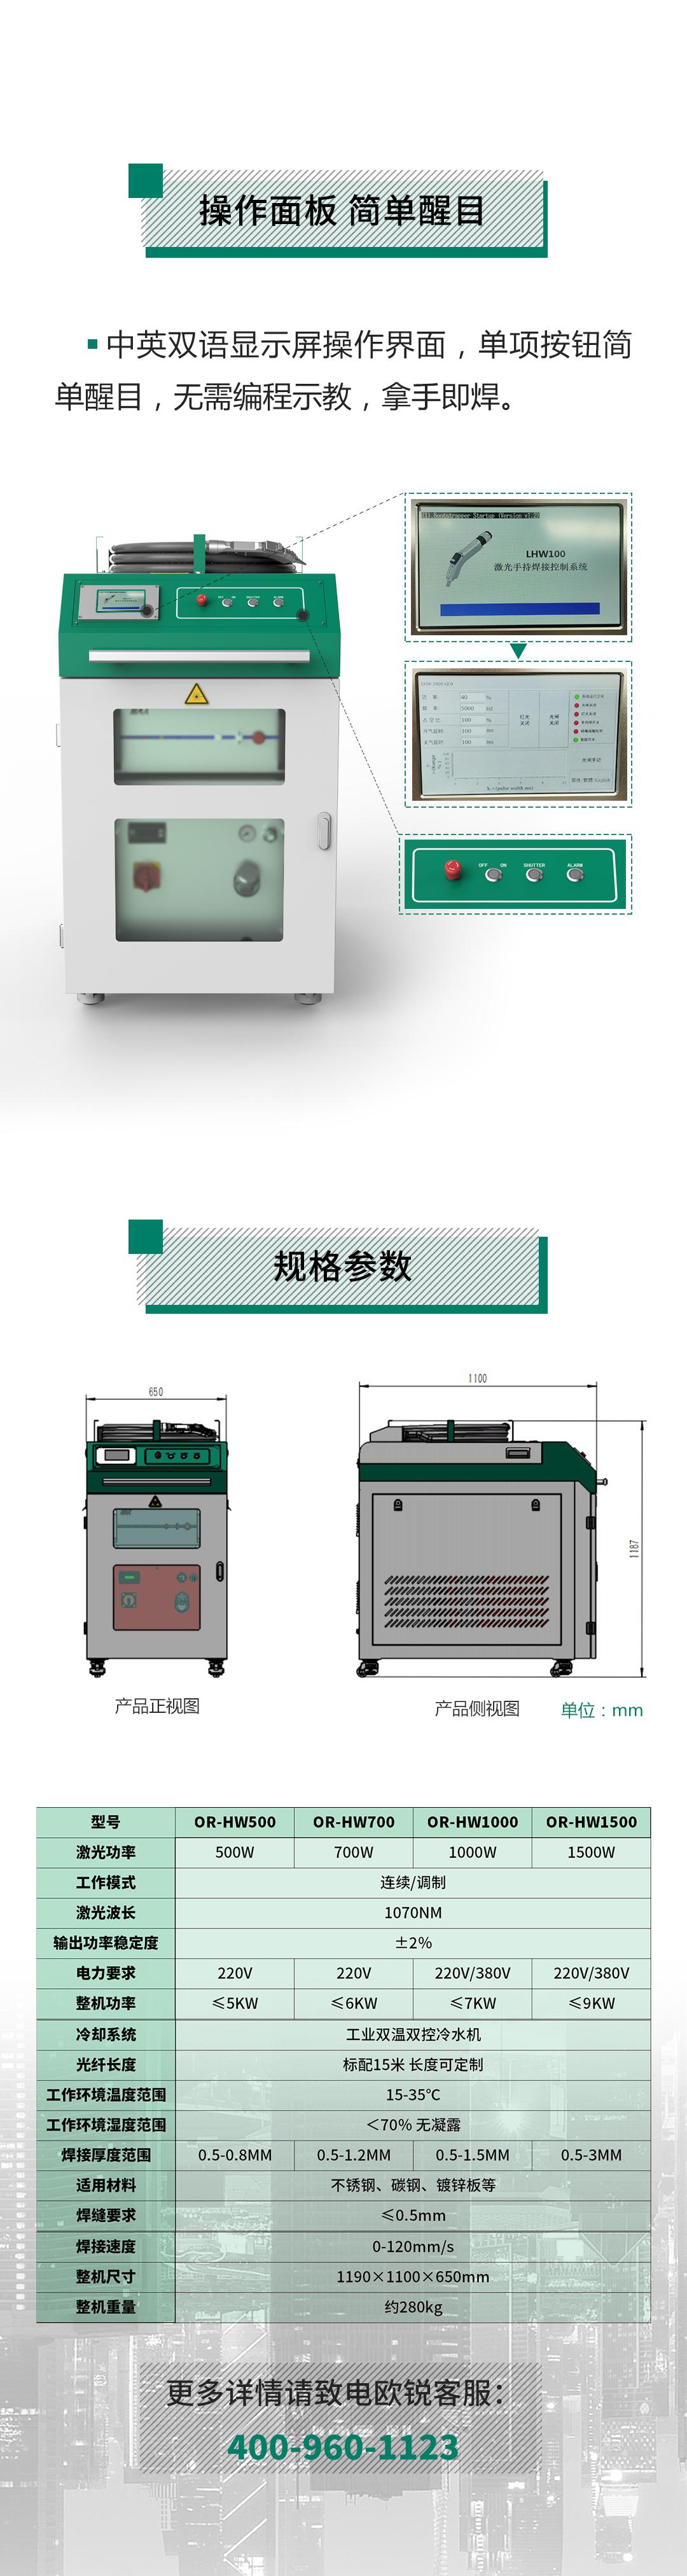 """欧锐手持式激光焊接机OR-HW,震""""焊""""来袭!20190919_07.jpg"""